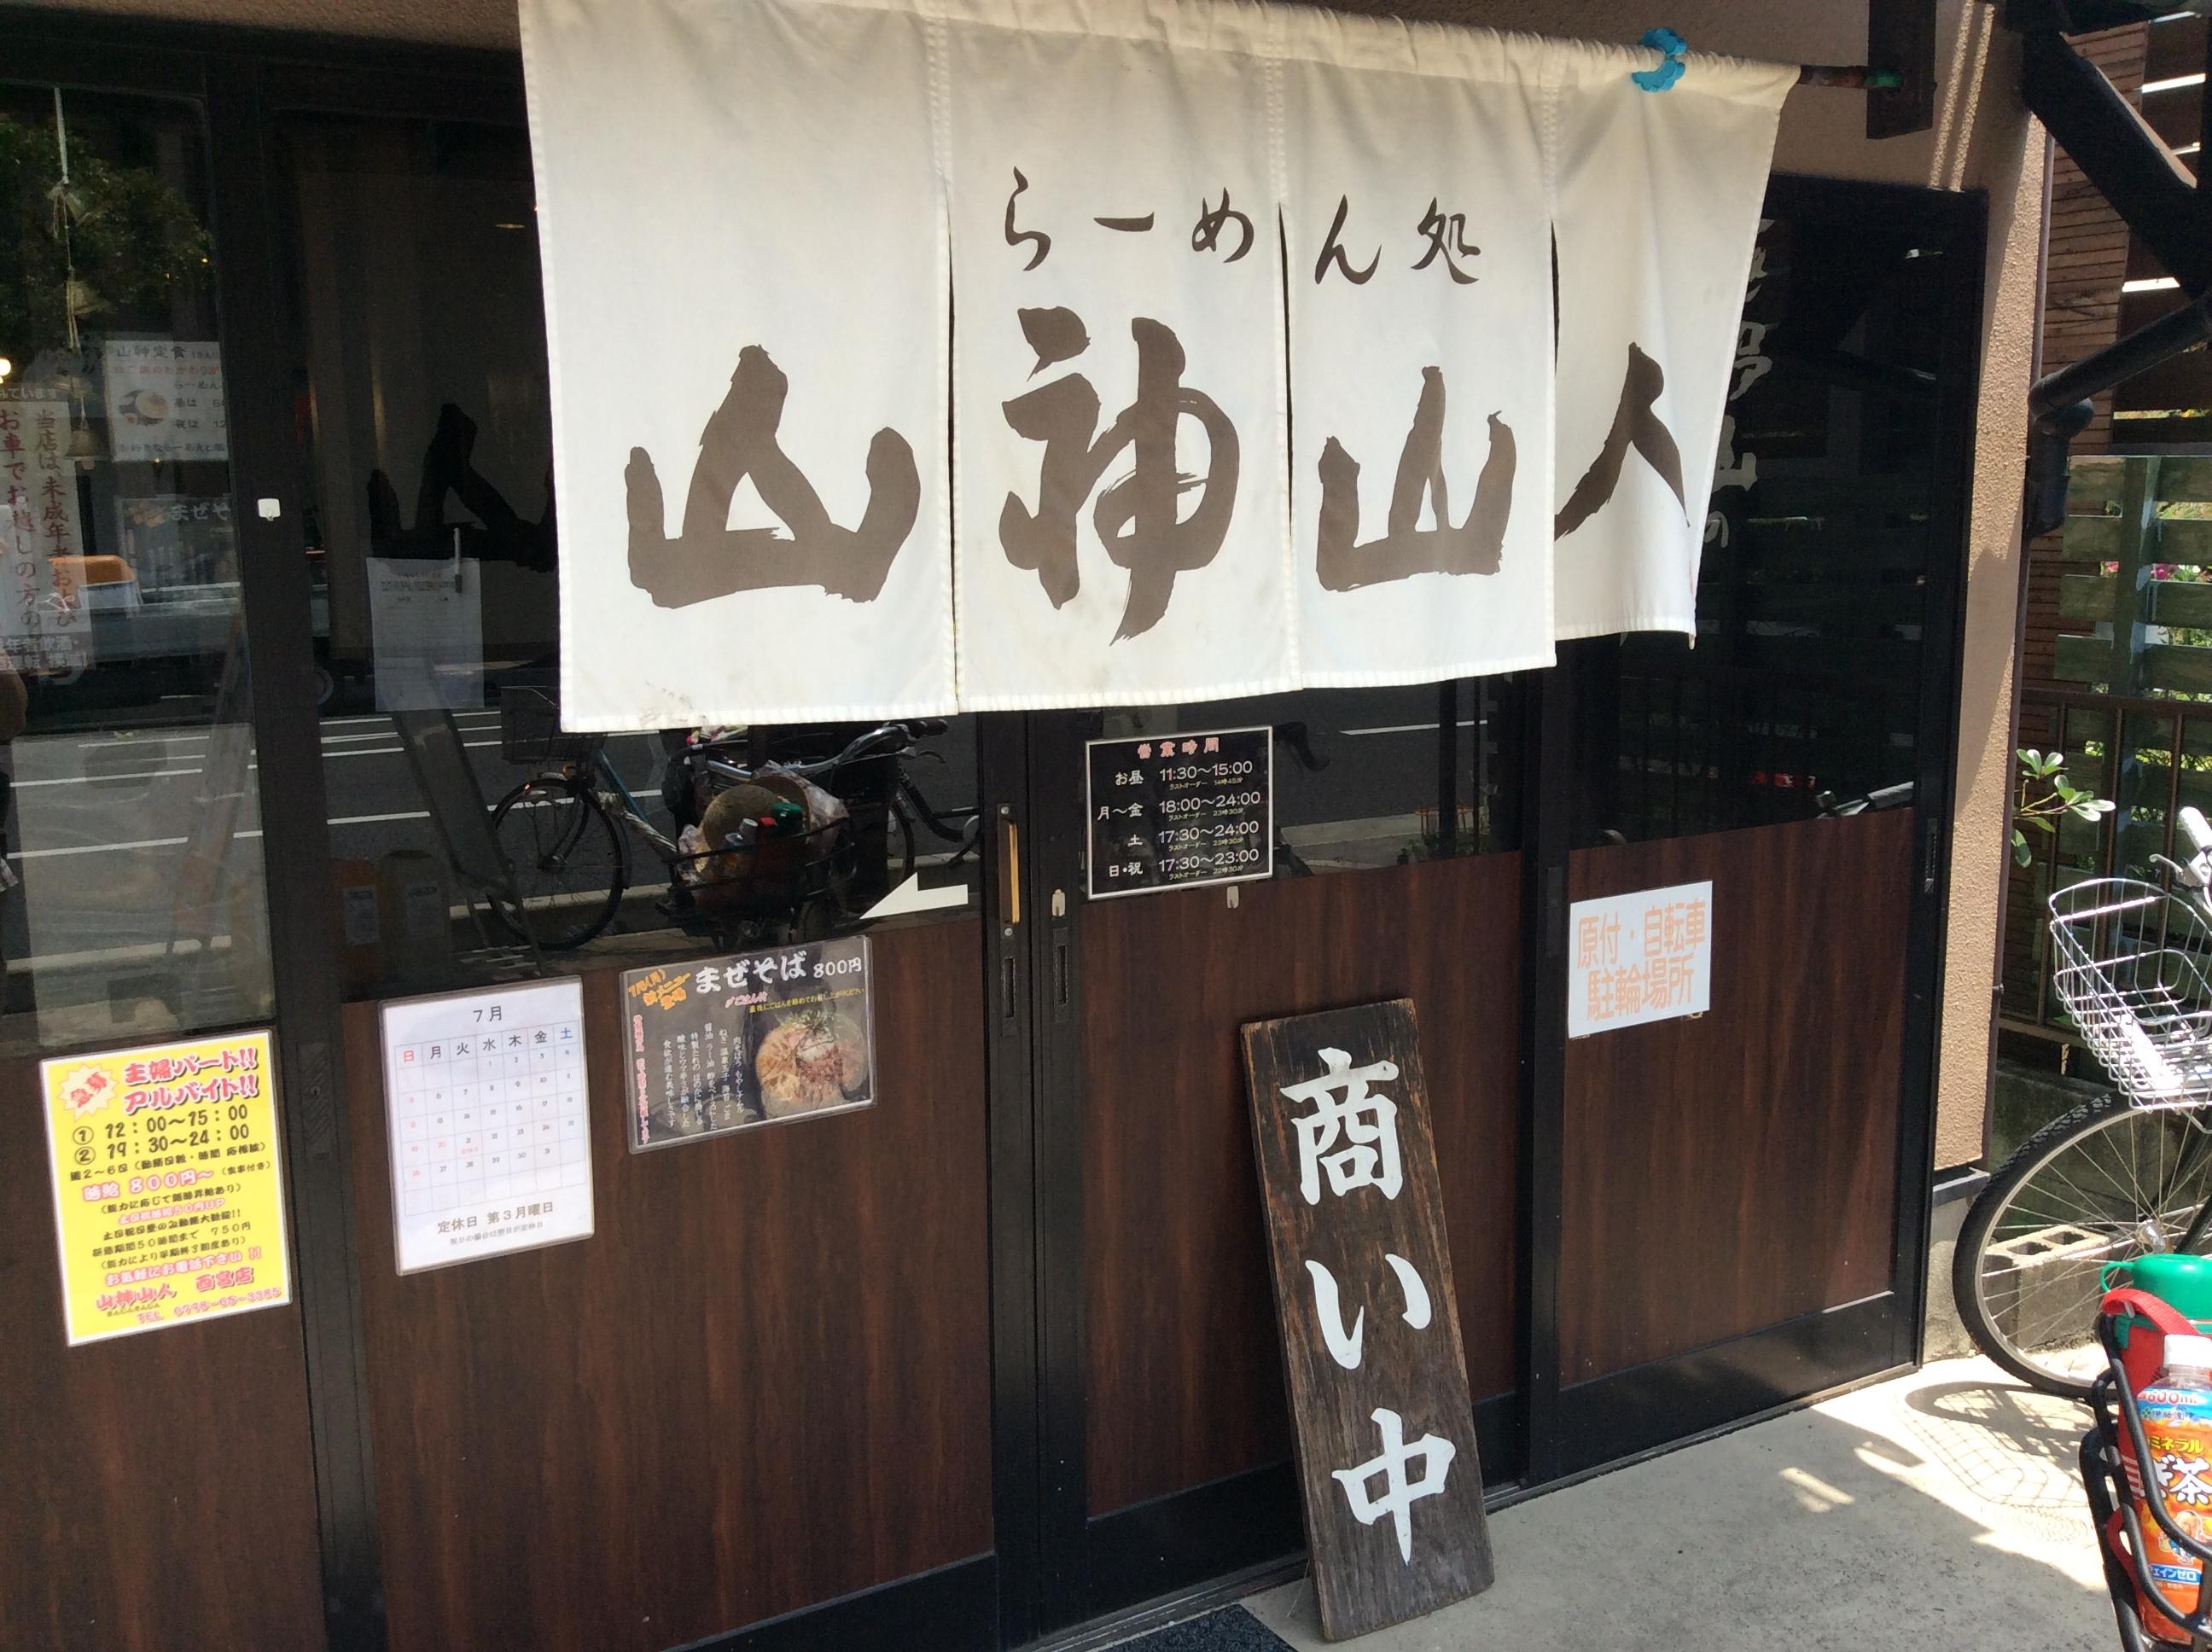 山神山人 西宮店(さんじんさんじん)